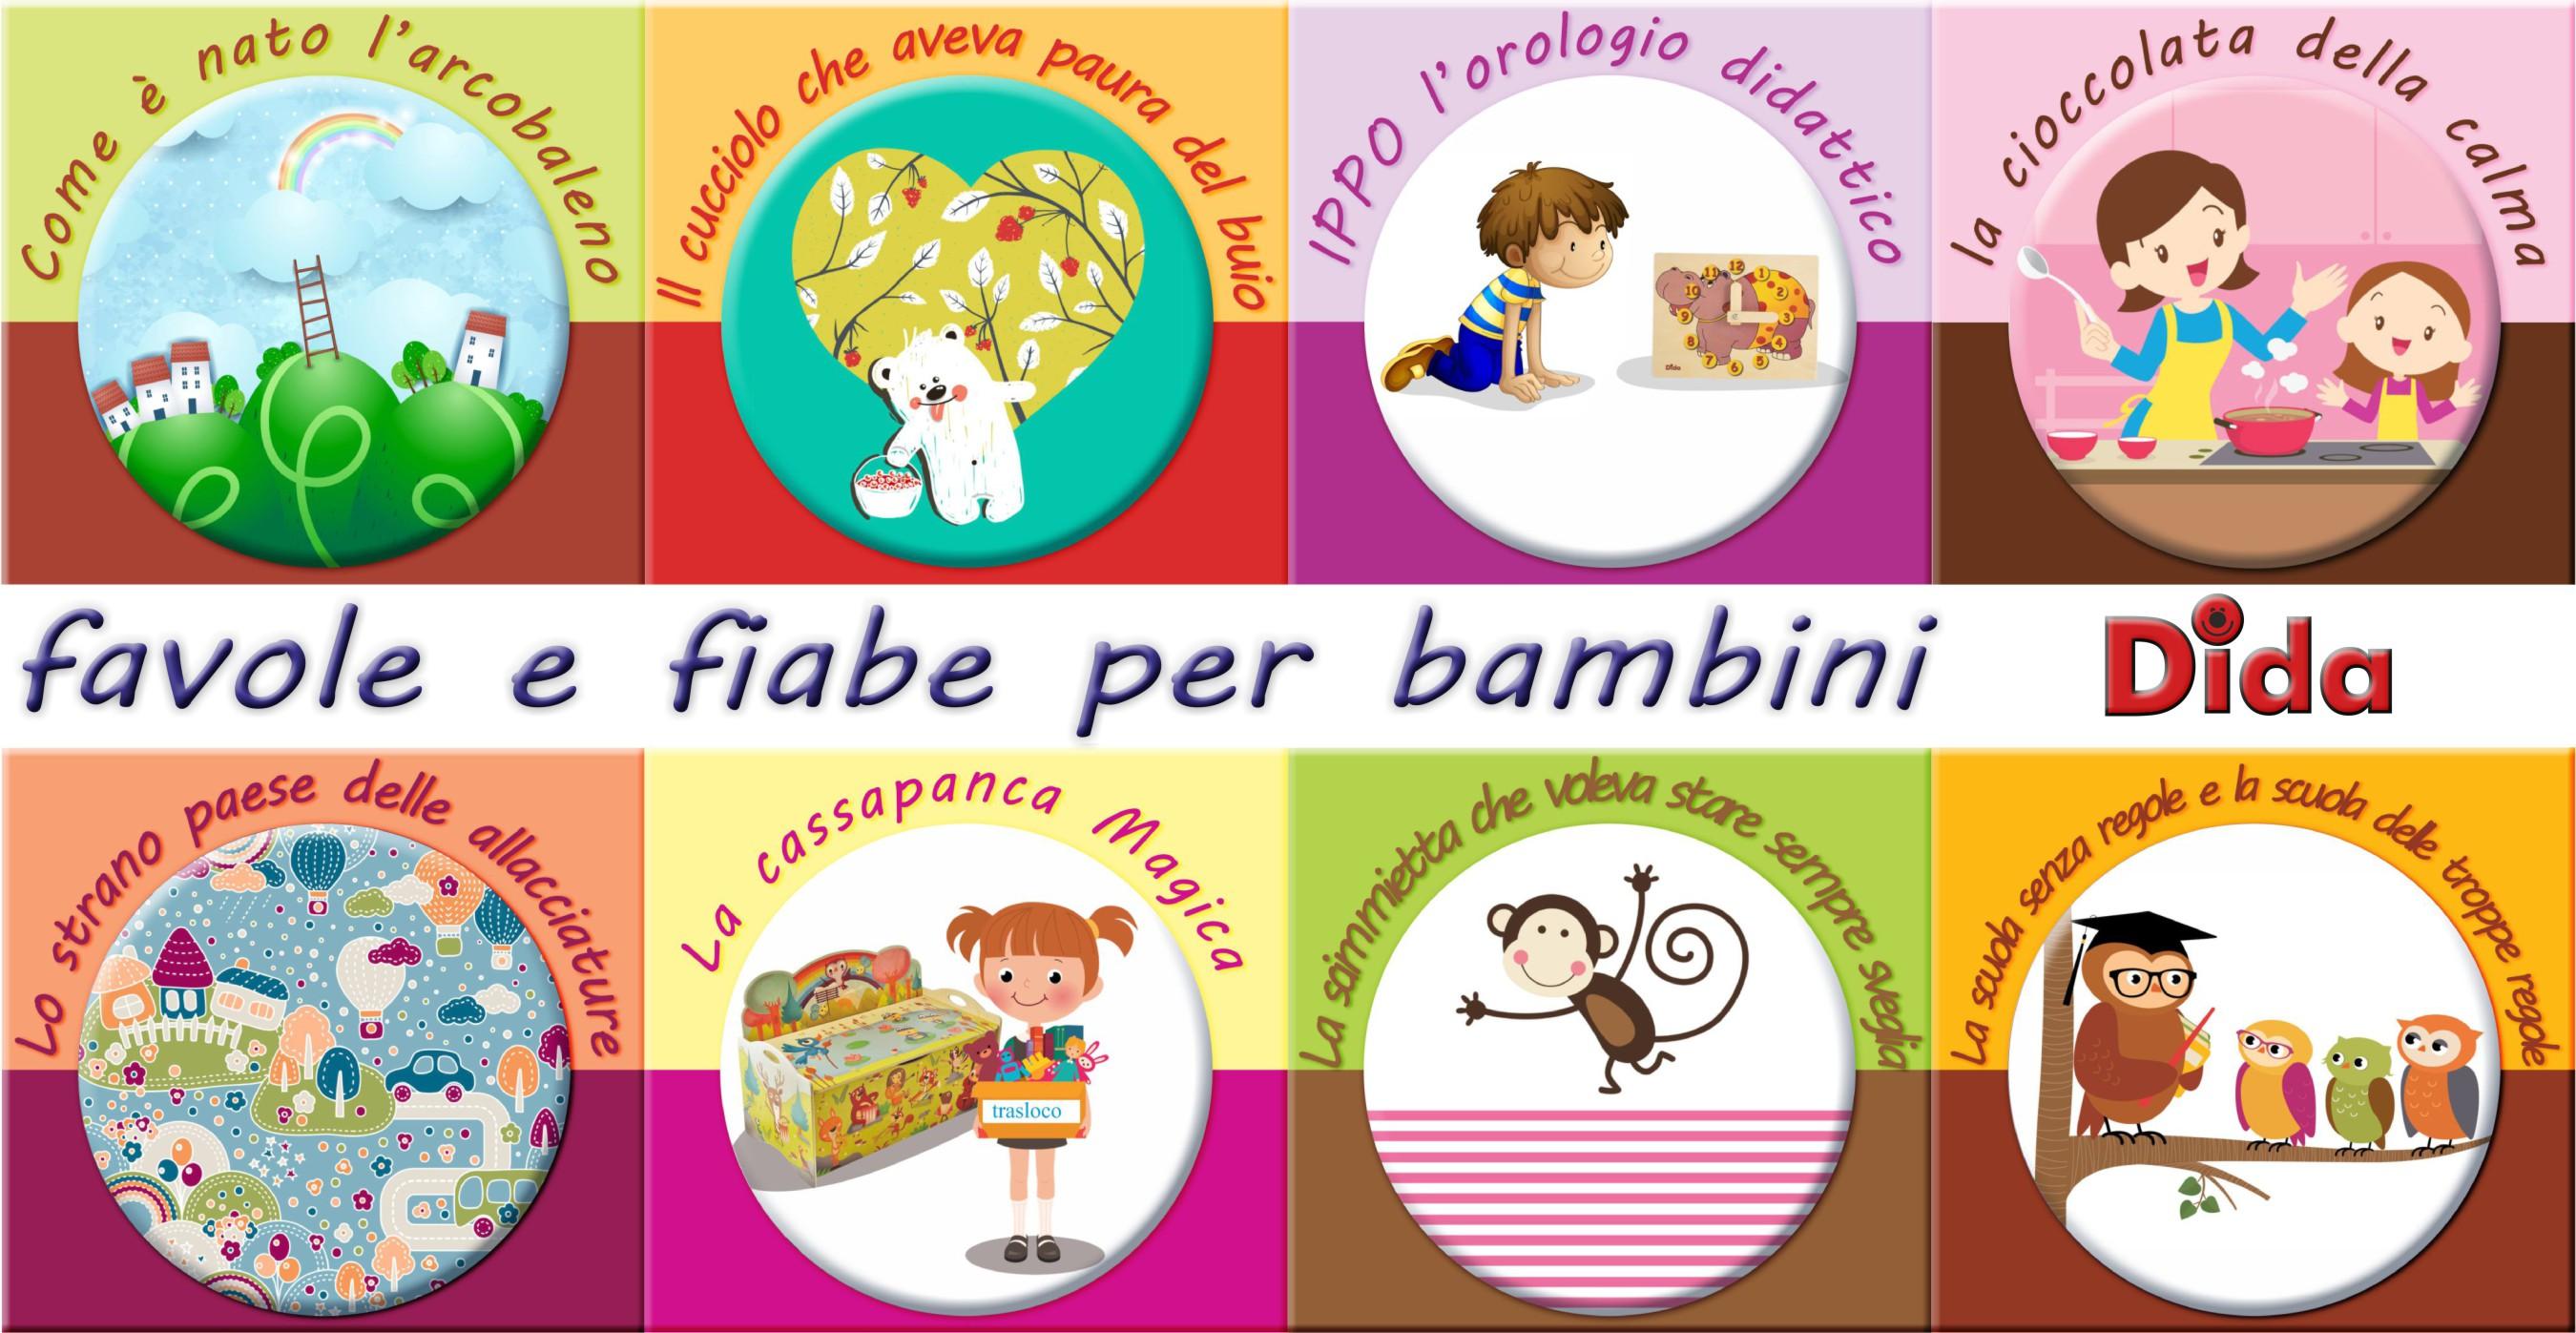 favole per bambini pdf - ebook favole per bambini gratis - favole da stampare - favole da leggere